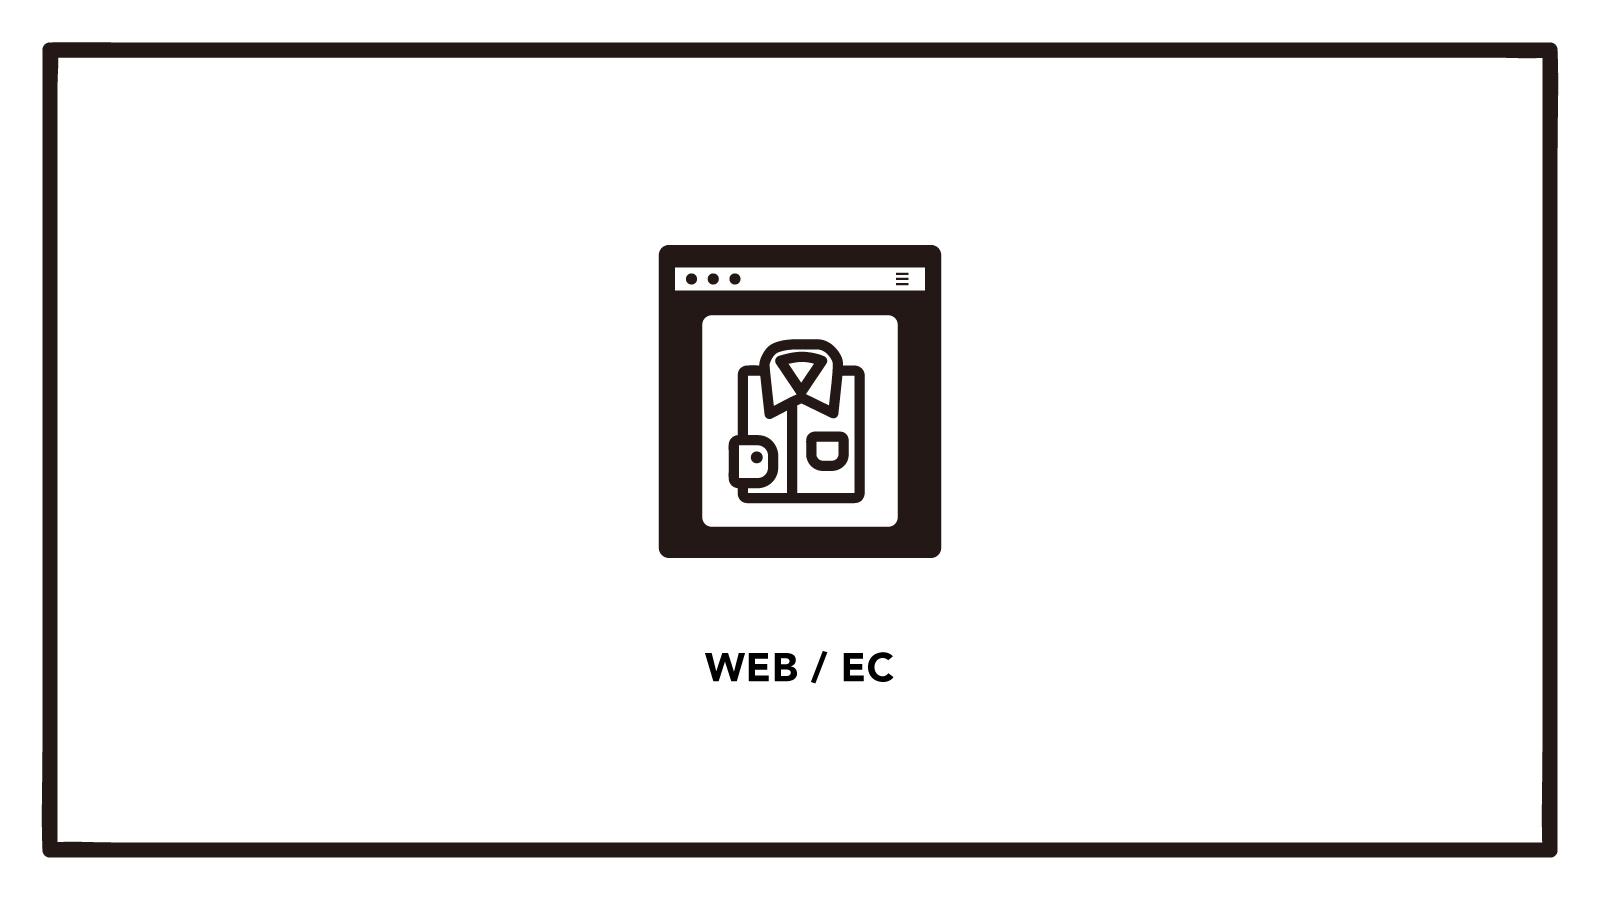 【社内SE】システムの企画〜運用までを担当!SE募集のカバー写真